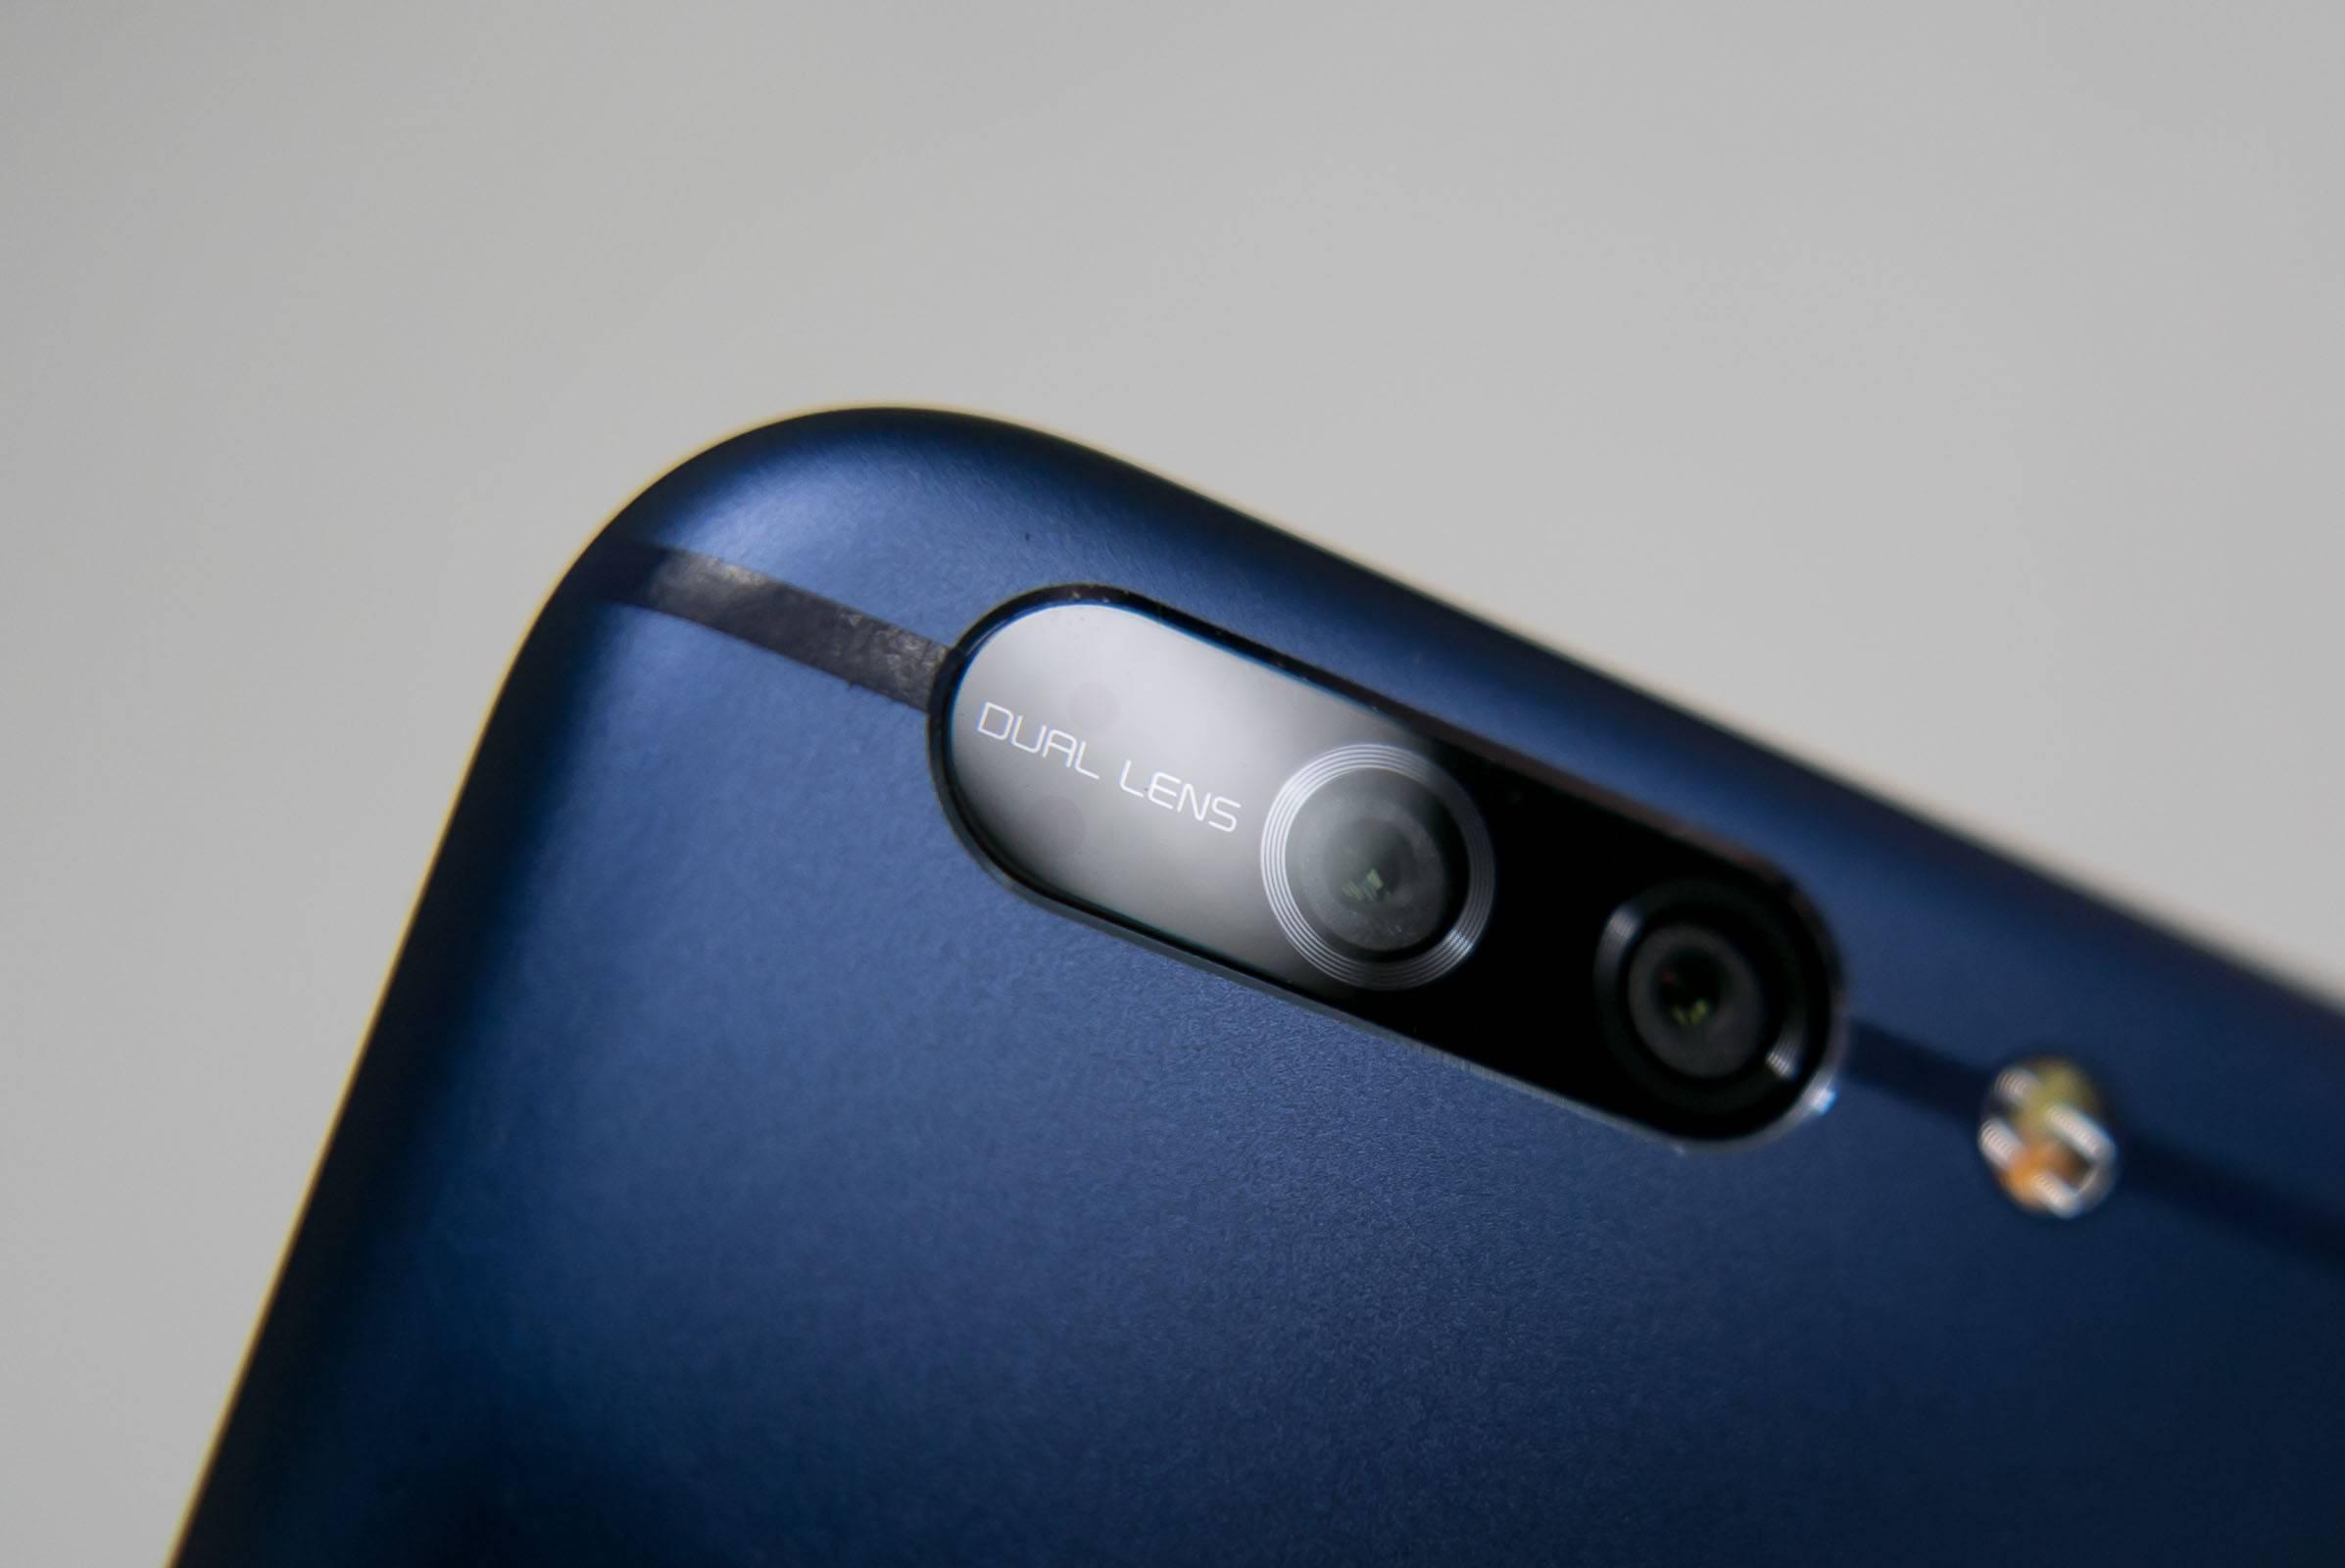 镜头左侧的两个圆孔是红外线辅助对焦系统。